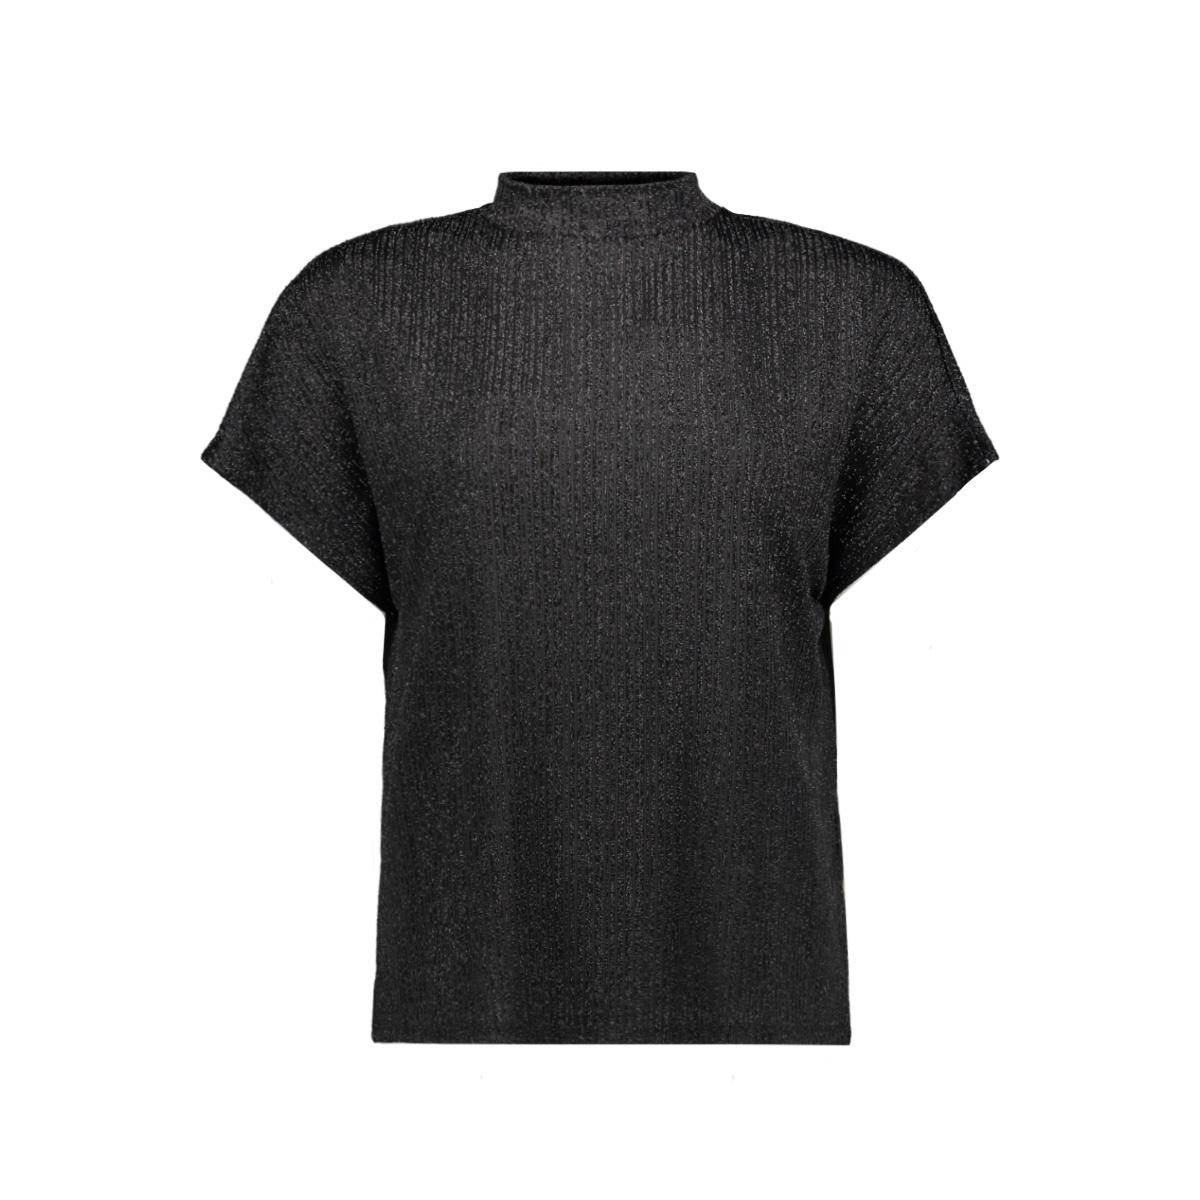 jdylura s/s top jrs 15163066 jacqueline de yong t-shirt black/lurex